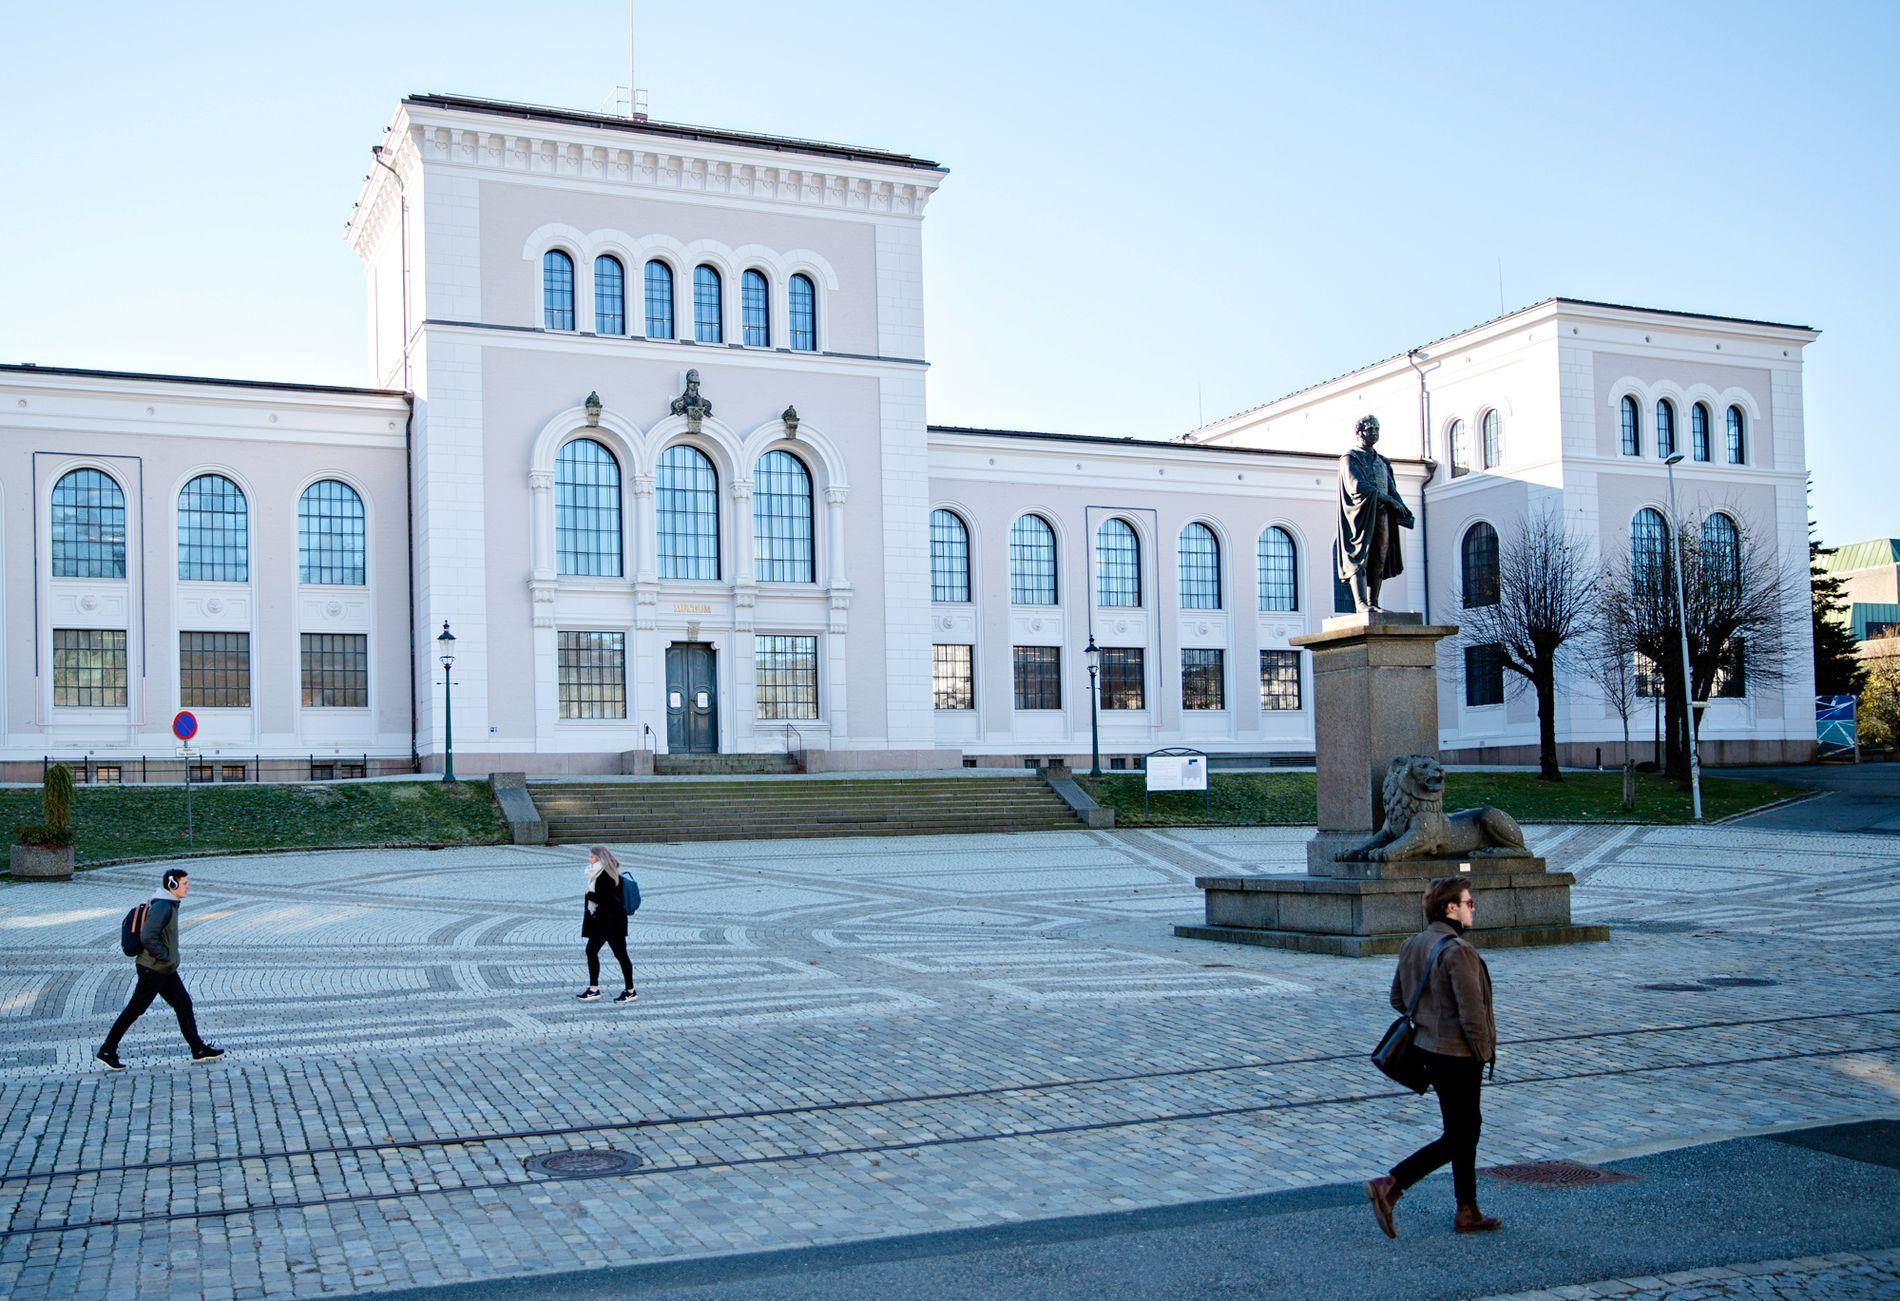 PRIVATE SMS-ER PÅ AVVEIE: Flere ansatte ved Universitetet i Bergen opplevde å få et feilprogrammert simkort. Det fikk konsekvenser.